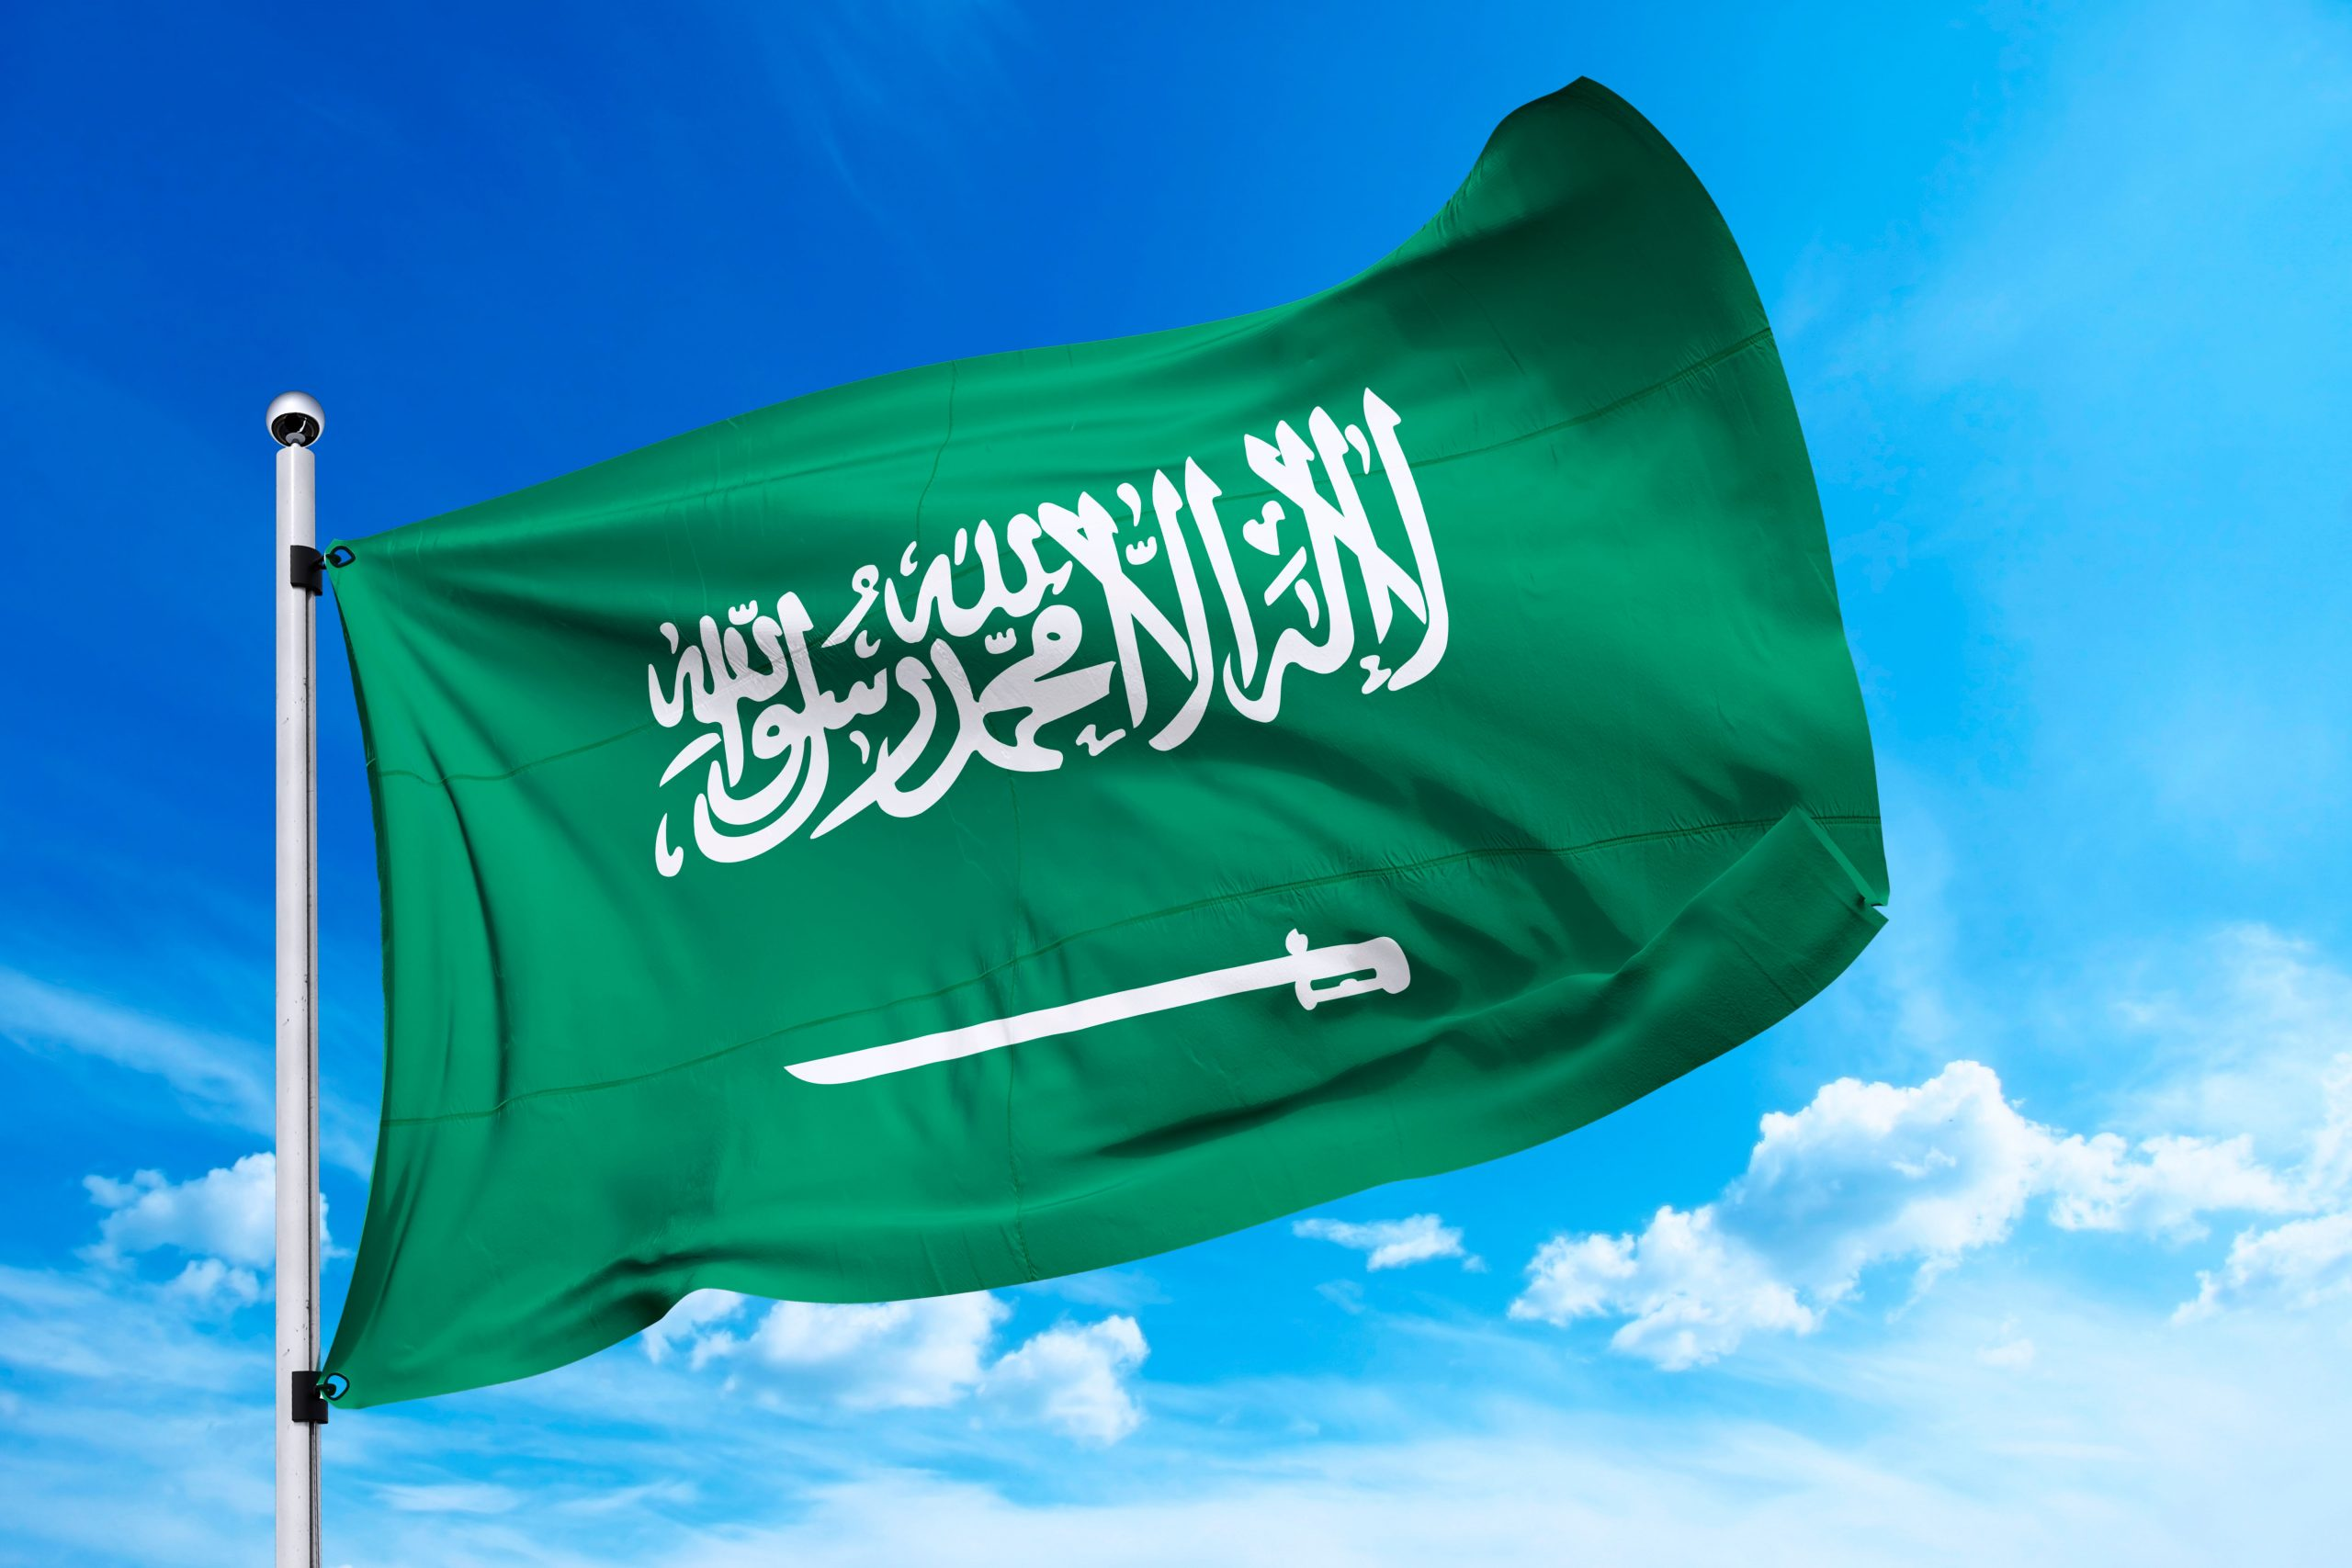 الدولة السعودية الثانية من تأسيسها حتي سقوطها 1240 حتي 1309 هـ